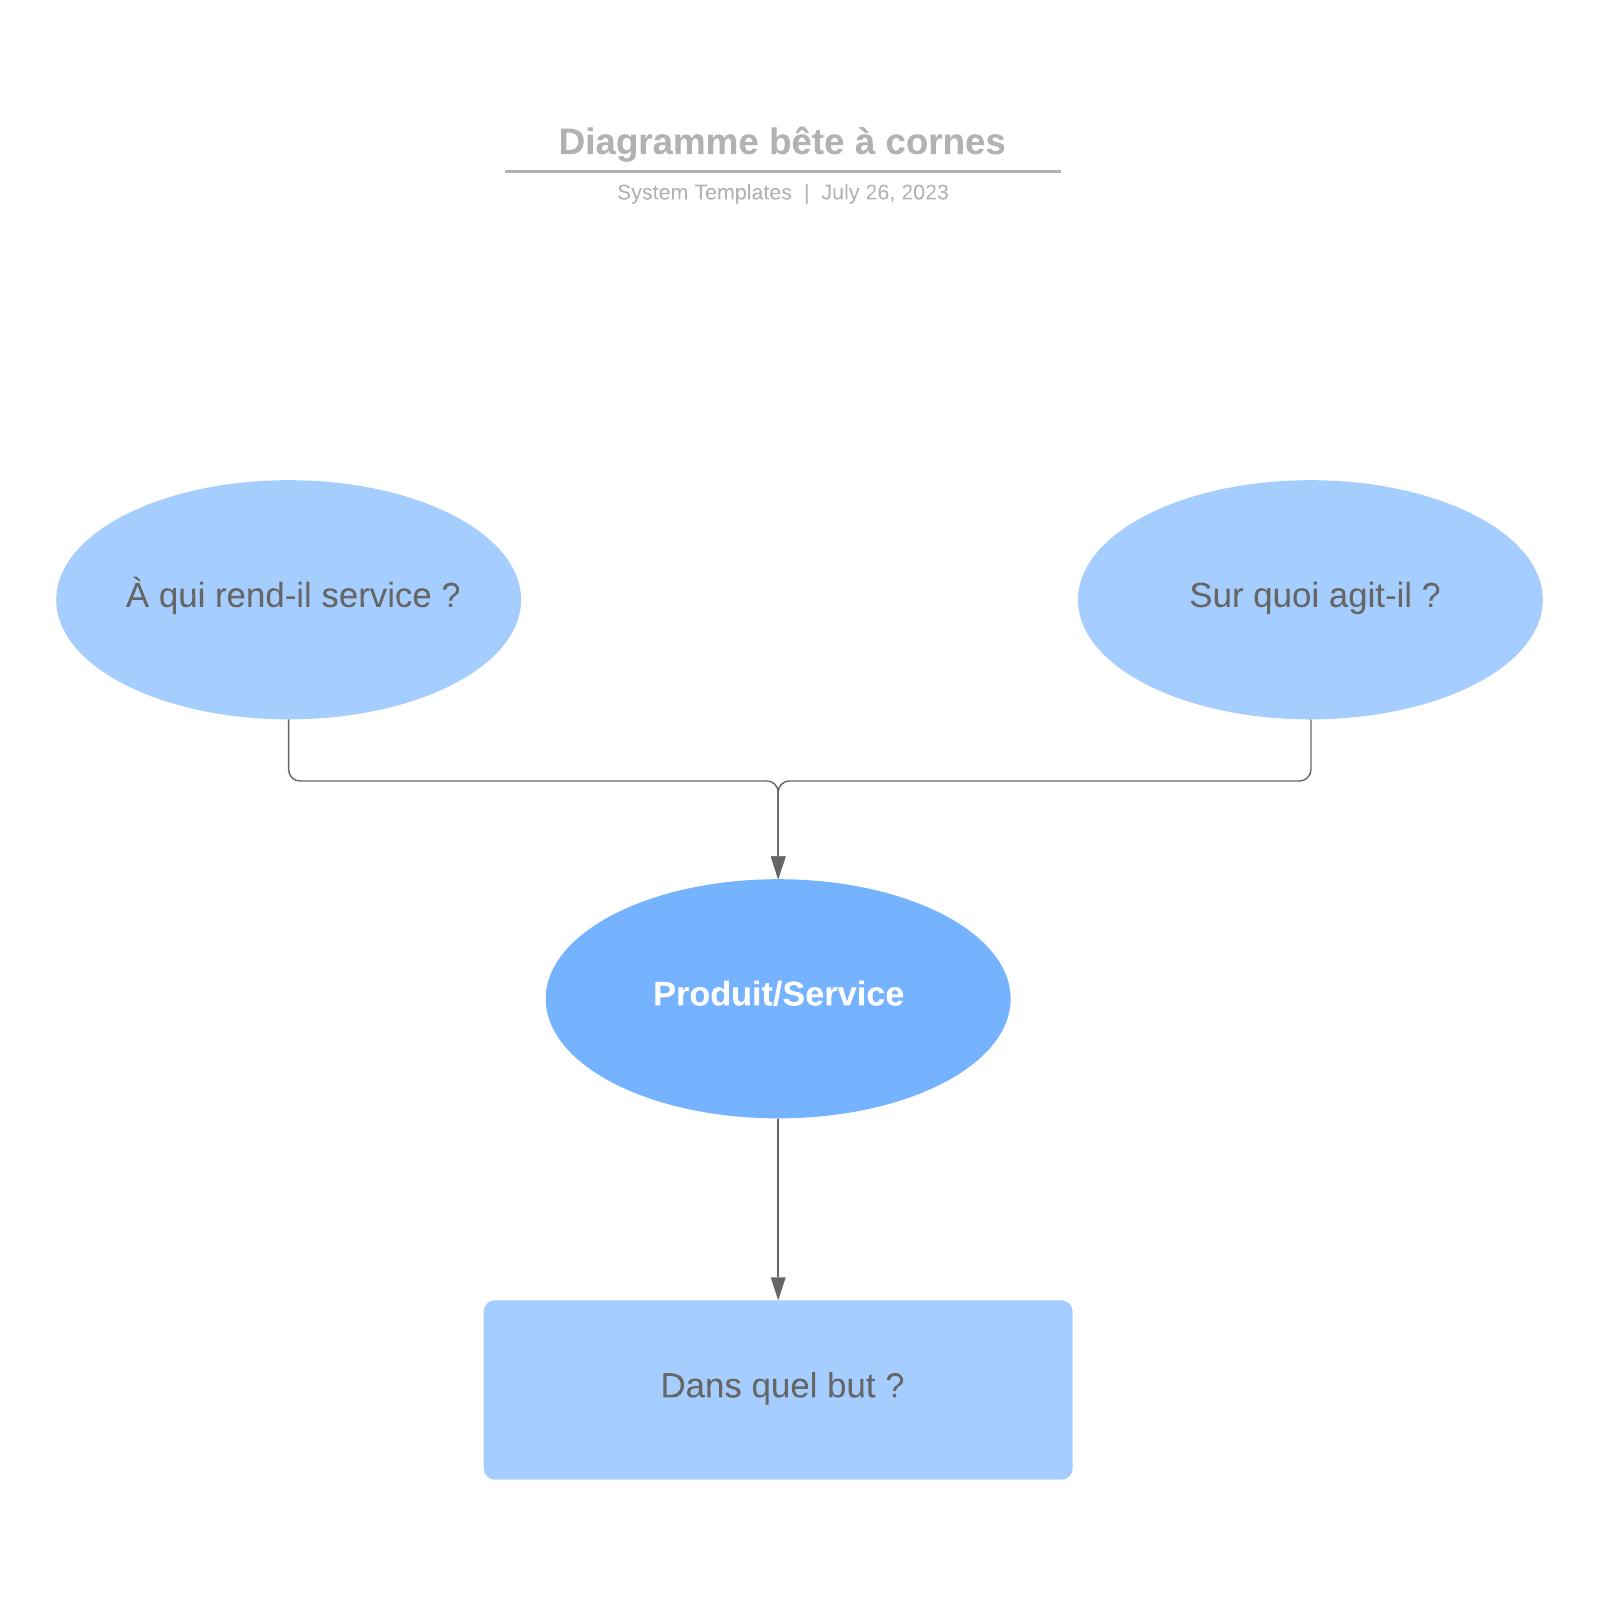 exemple de diagramme bête à cornes vierge